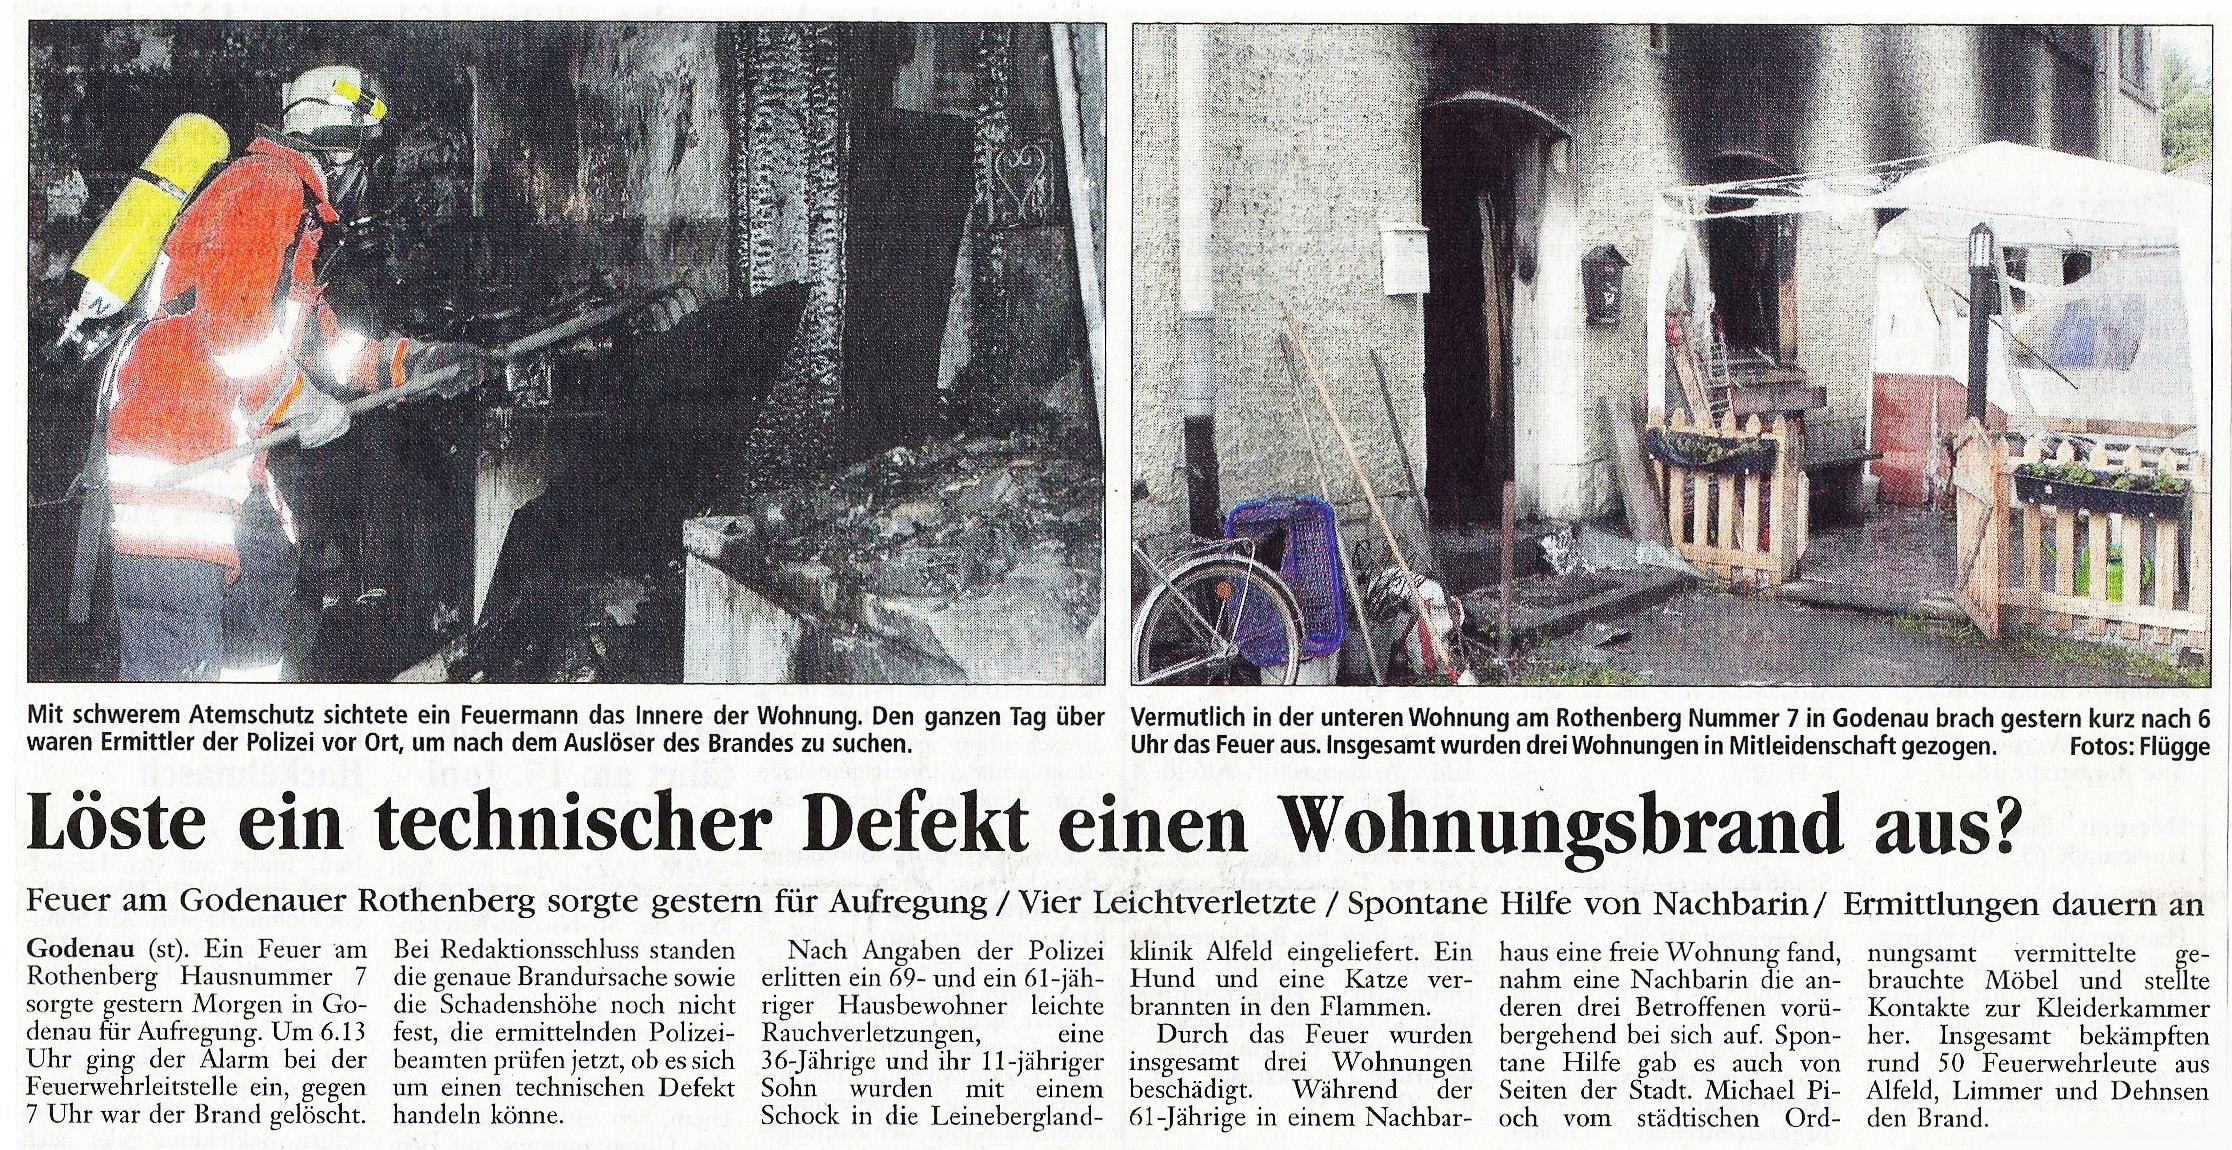 2005-06-02 Löste ein technischer Defekt einen Wohnungsbrand aus